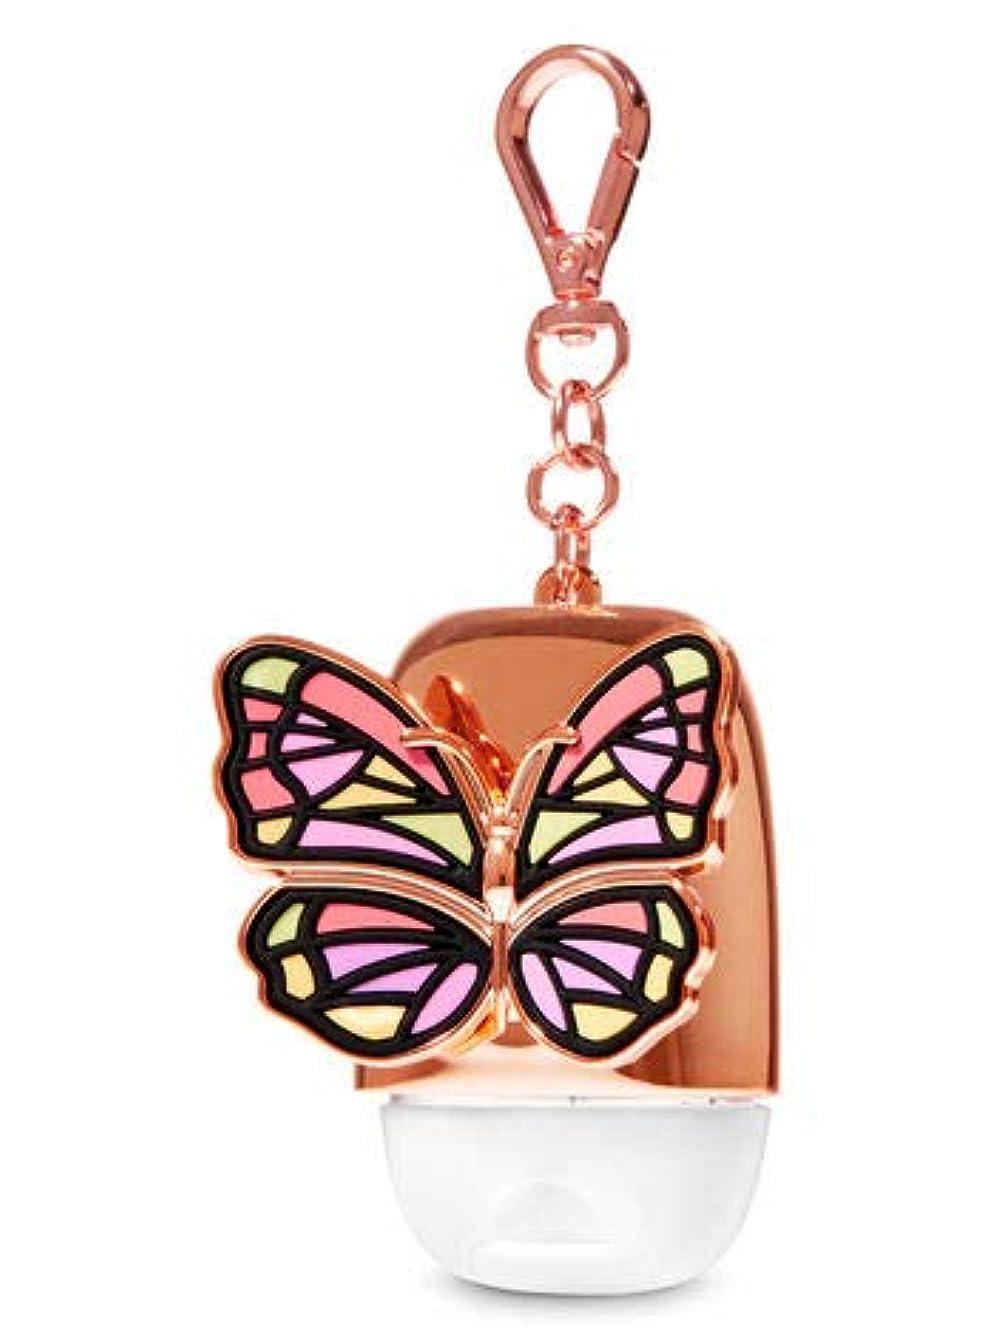 アレルギー性チップレタス【Bath&Body Works/バス&ボディワークス】 抗菌ハンドジェルホルダー ローズゴールドバタフライ Pocketbac Holder Rose Gold Butterfly [並行輸入品]